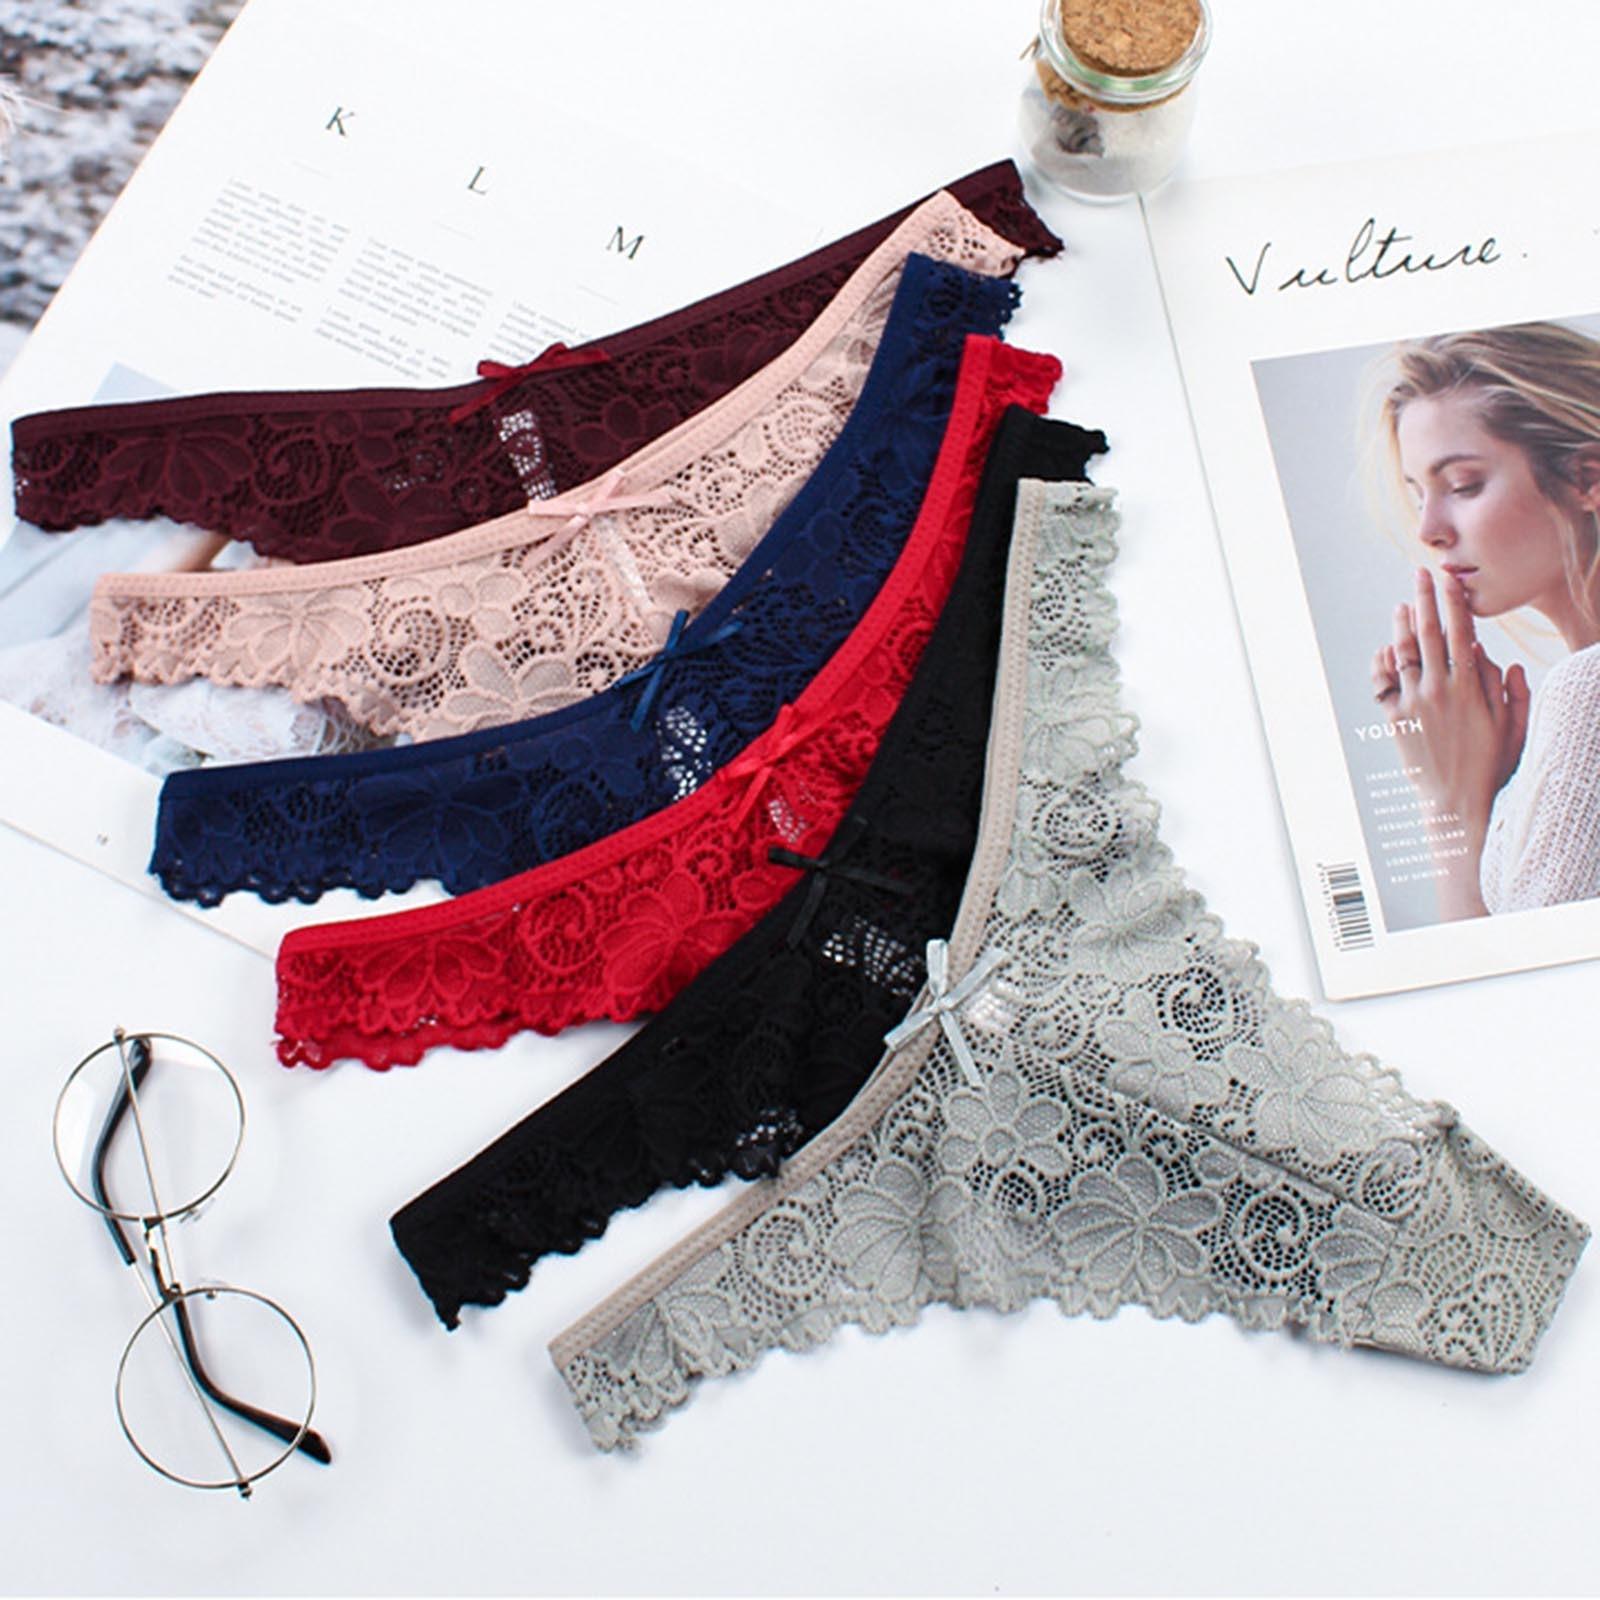 Tangas sexys de encaje Floral para mujer, ropa interior de algodón, bragas de cintura baja, lencería Sexy con lazo, XL